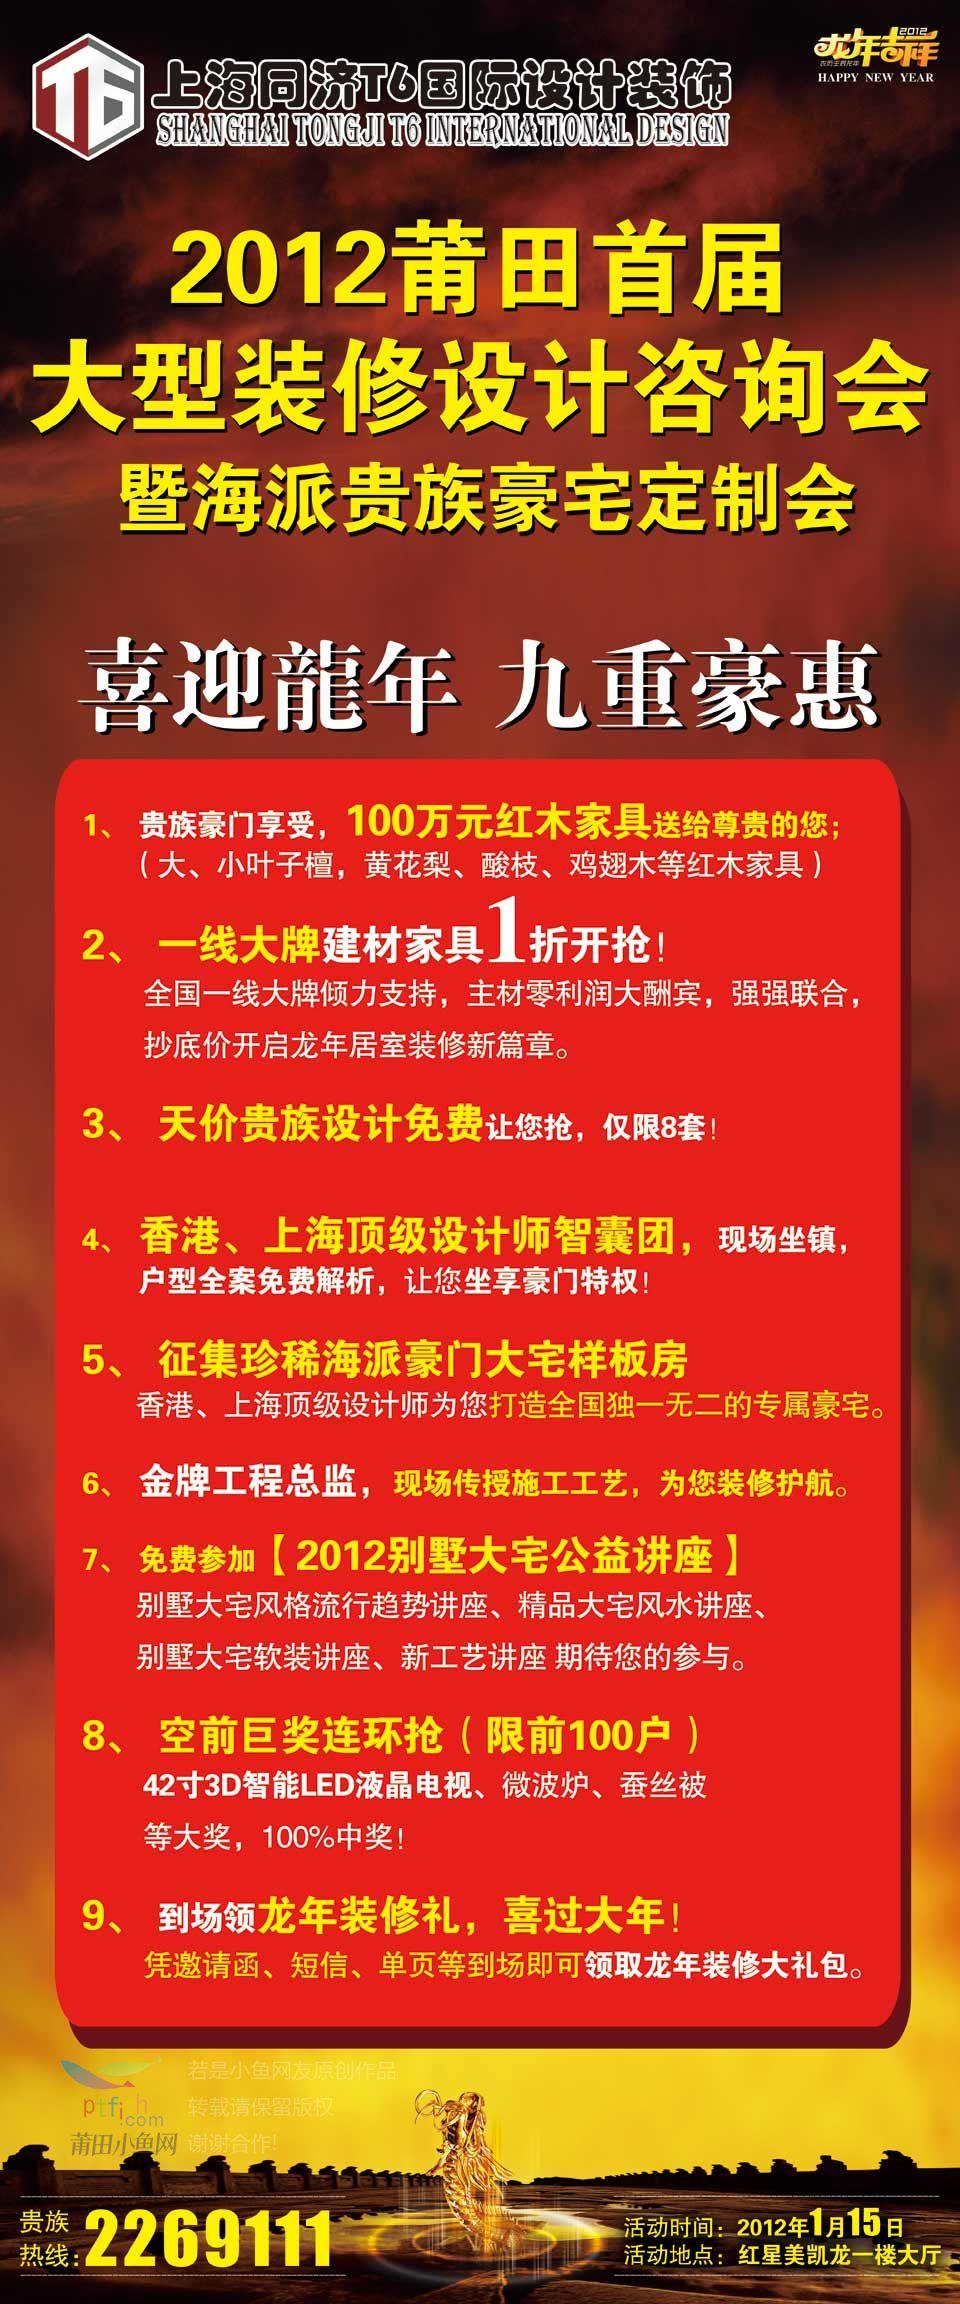 上海同济t6国际设计装饰